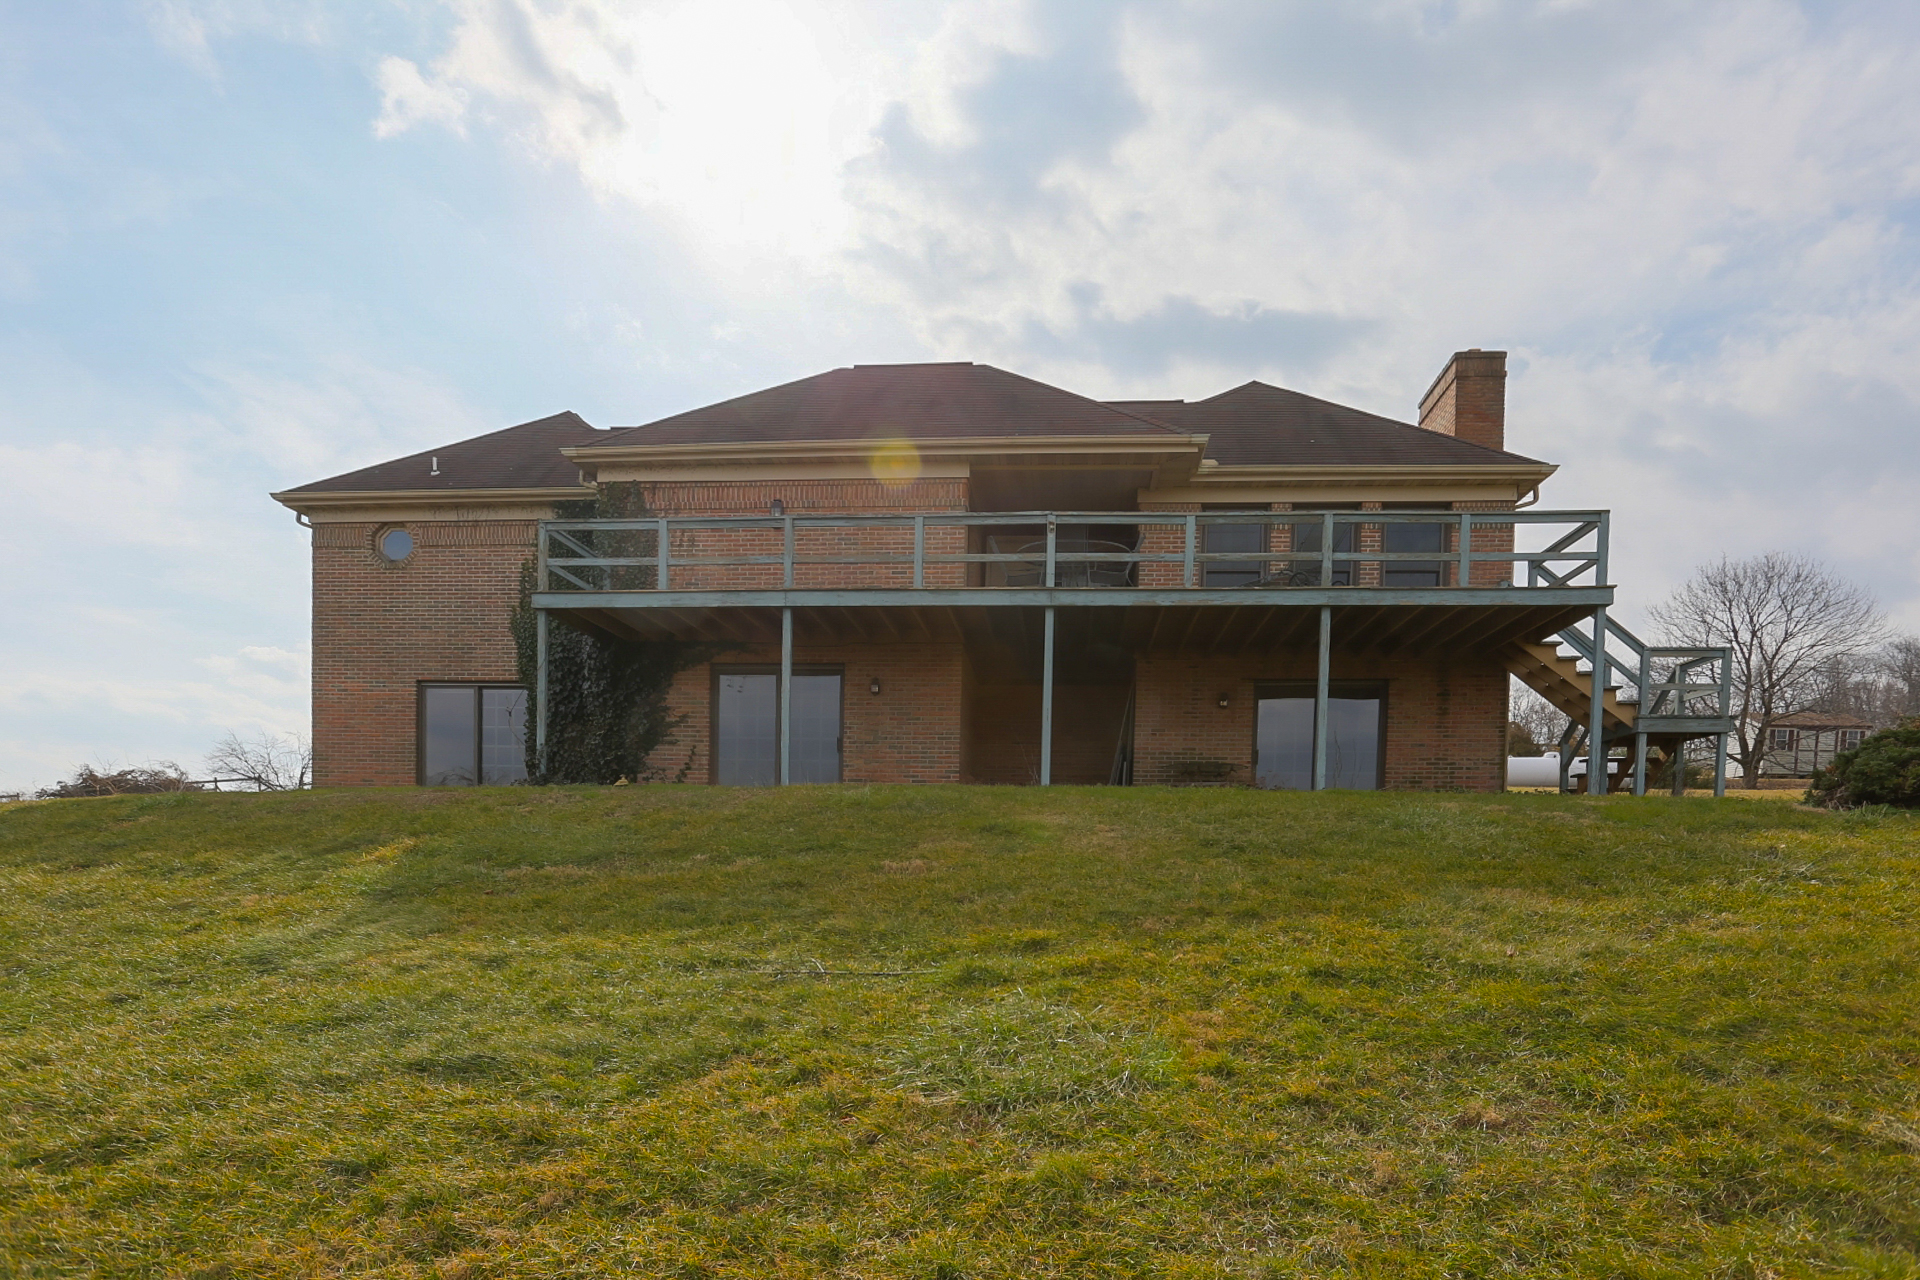 Частный односемейный дом для того Продажа на 270 Bethesda Church Road W Holtwood, Пенсильвания 17532 Соединенные Штаты